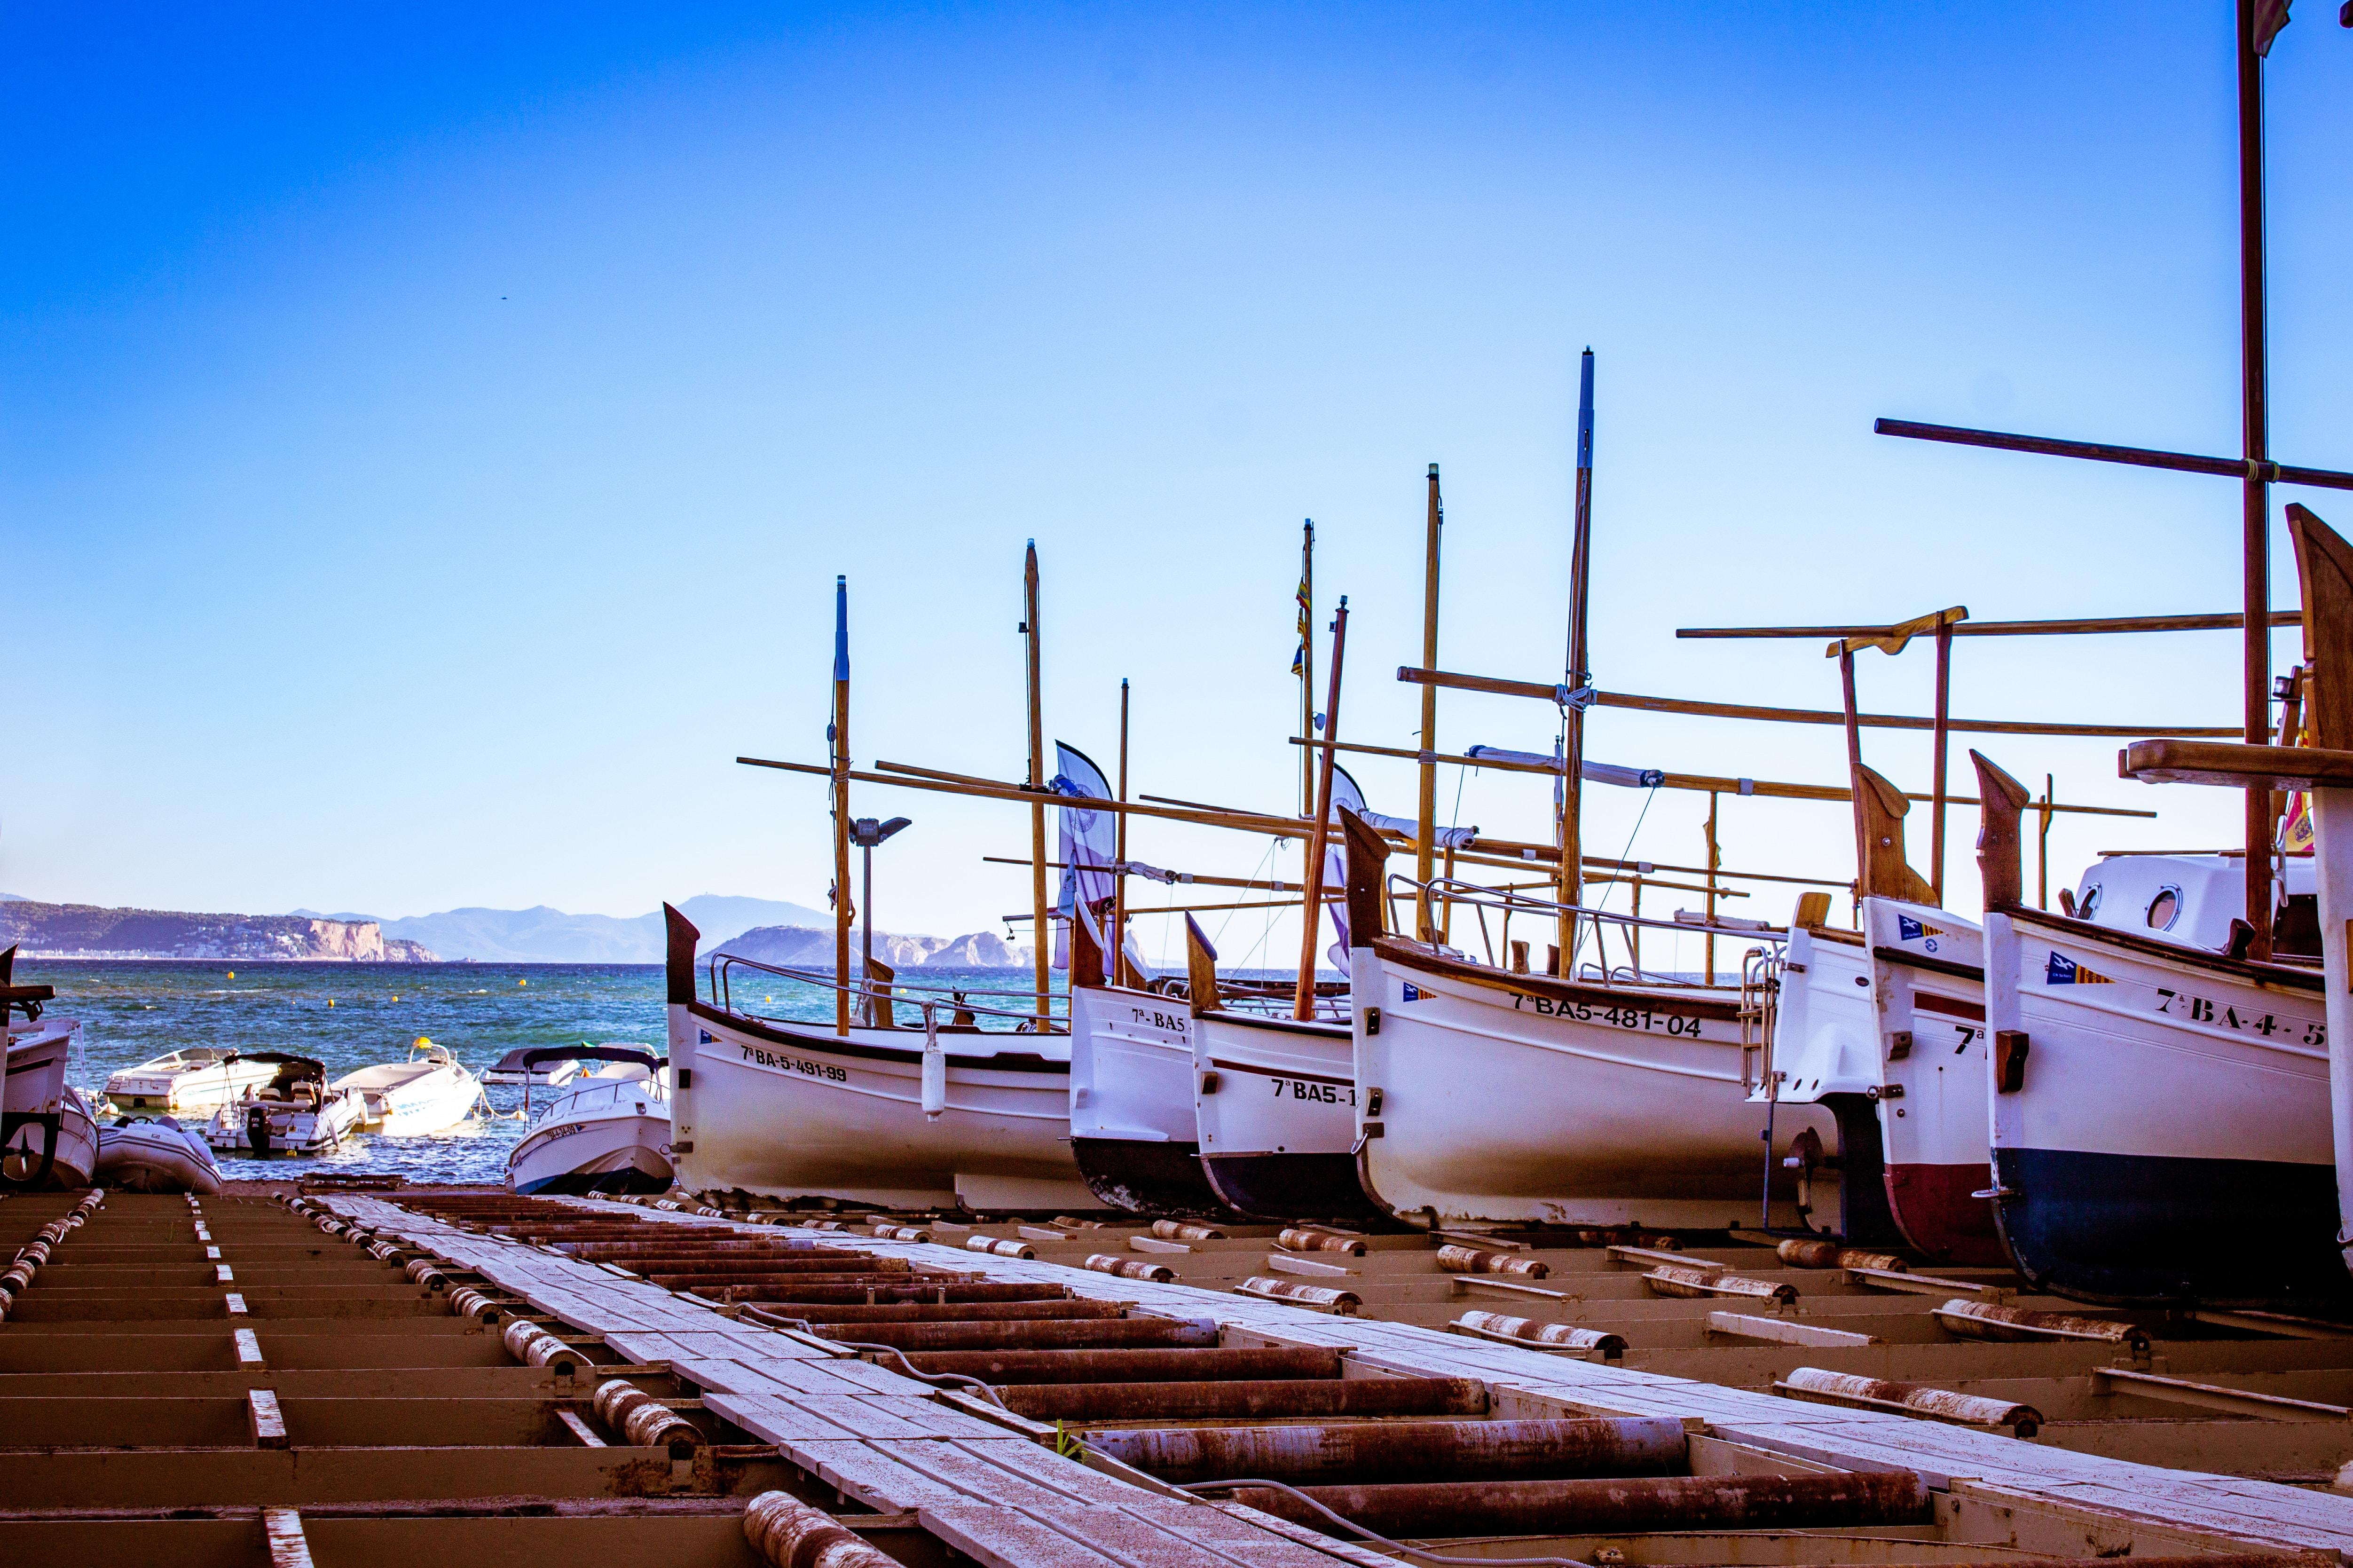 docked sailing boats